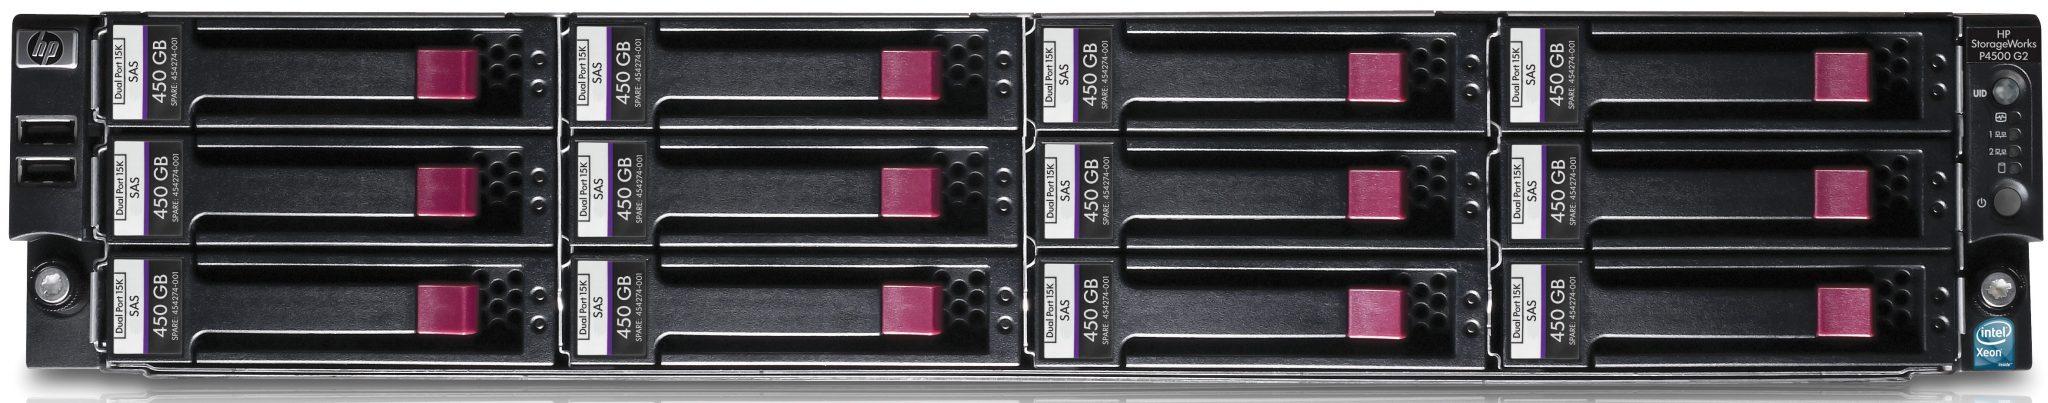 HP Hewlett-Packard P4500 ProLiant DL180 G6